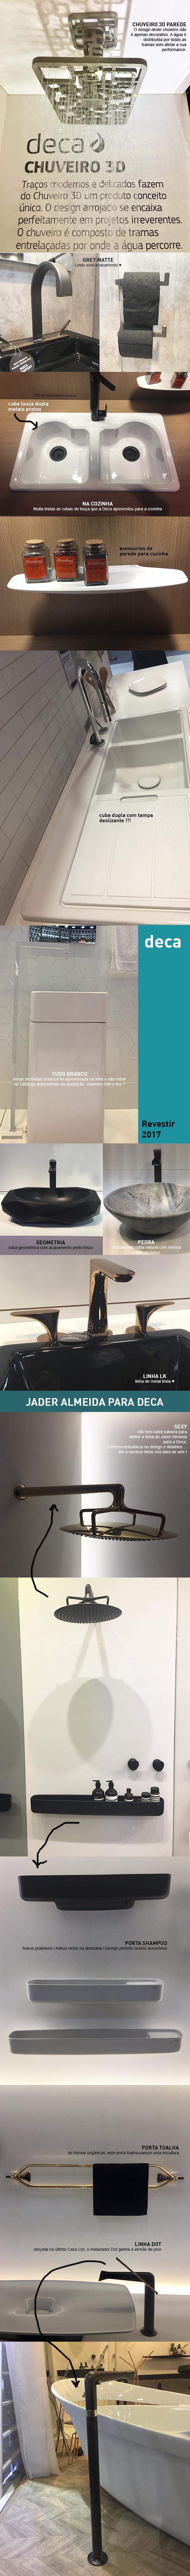 DECA-revestir-decoradornet-metais-loucas-destaque